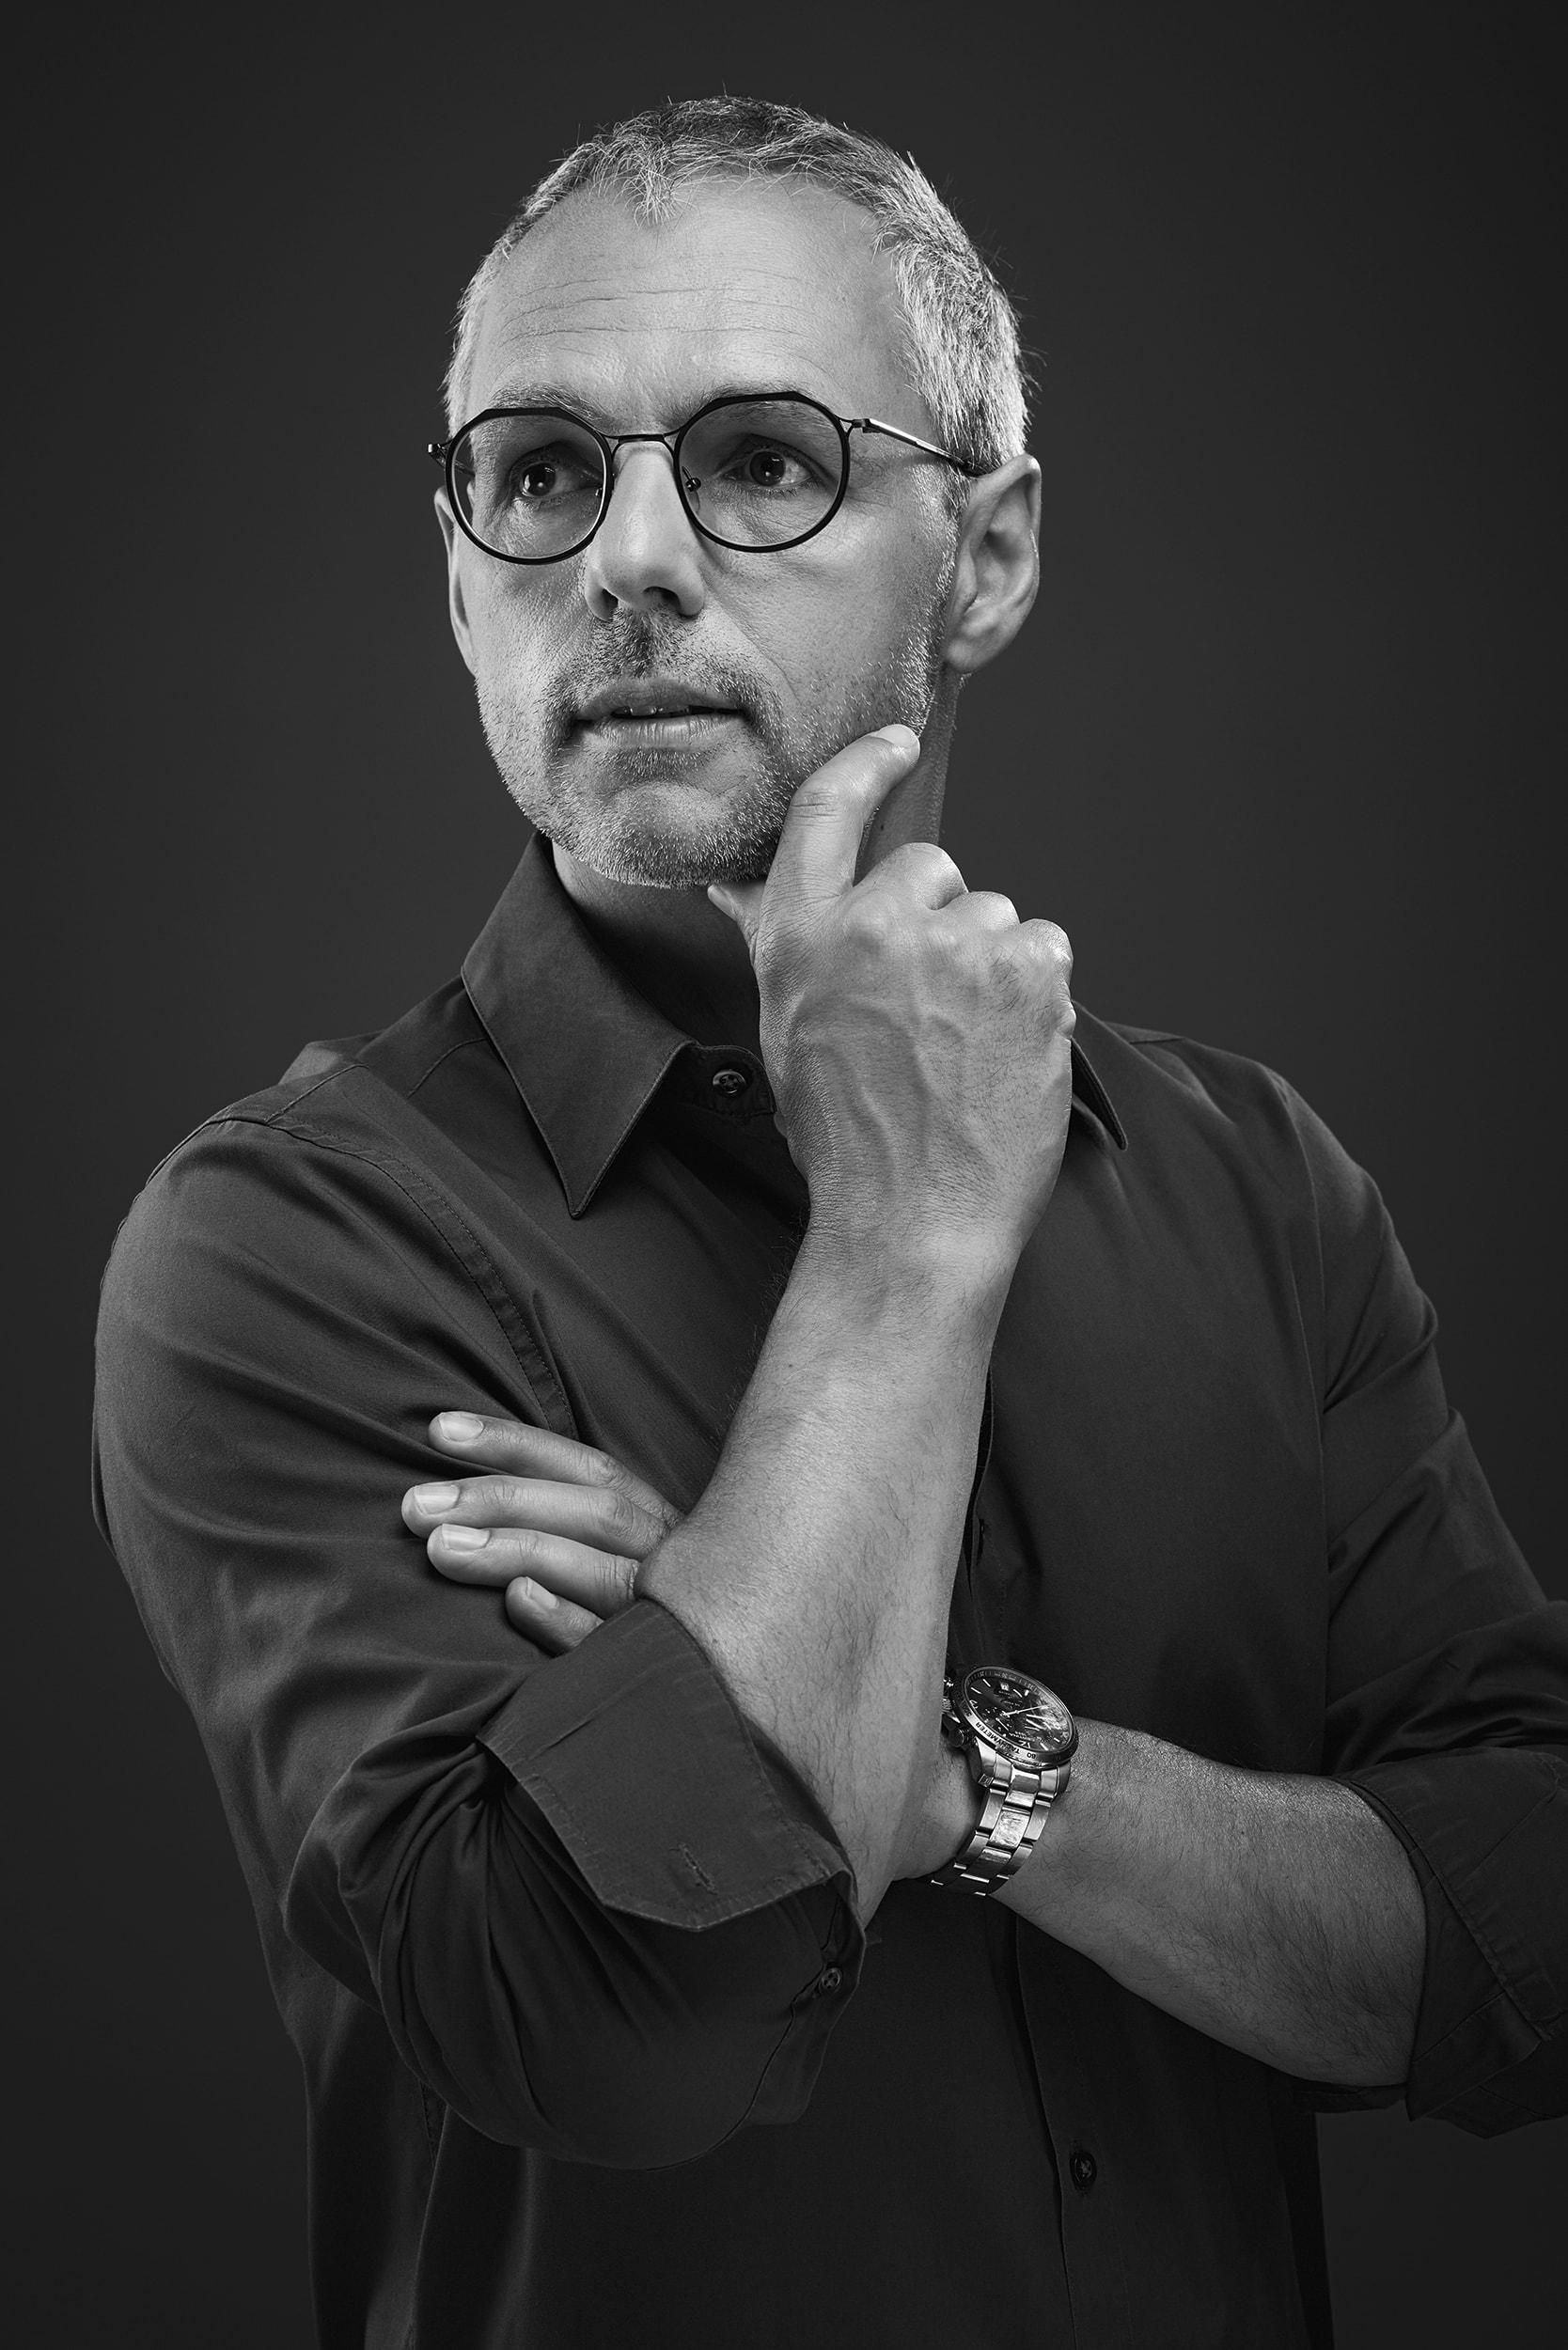 Inhaber der Brillenbühne und kreativer Kopf